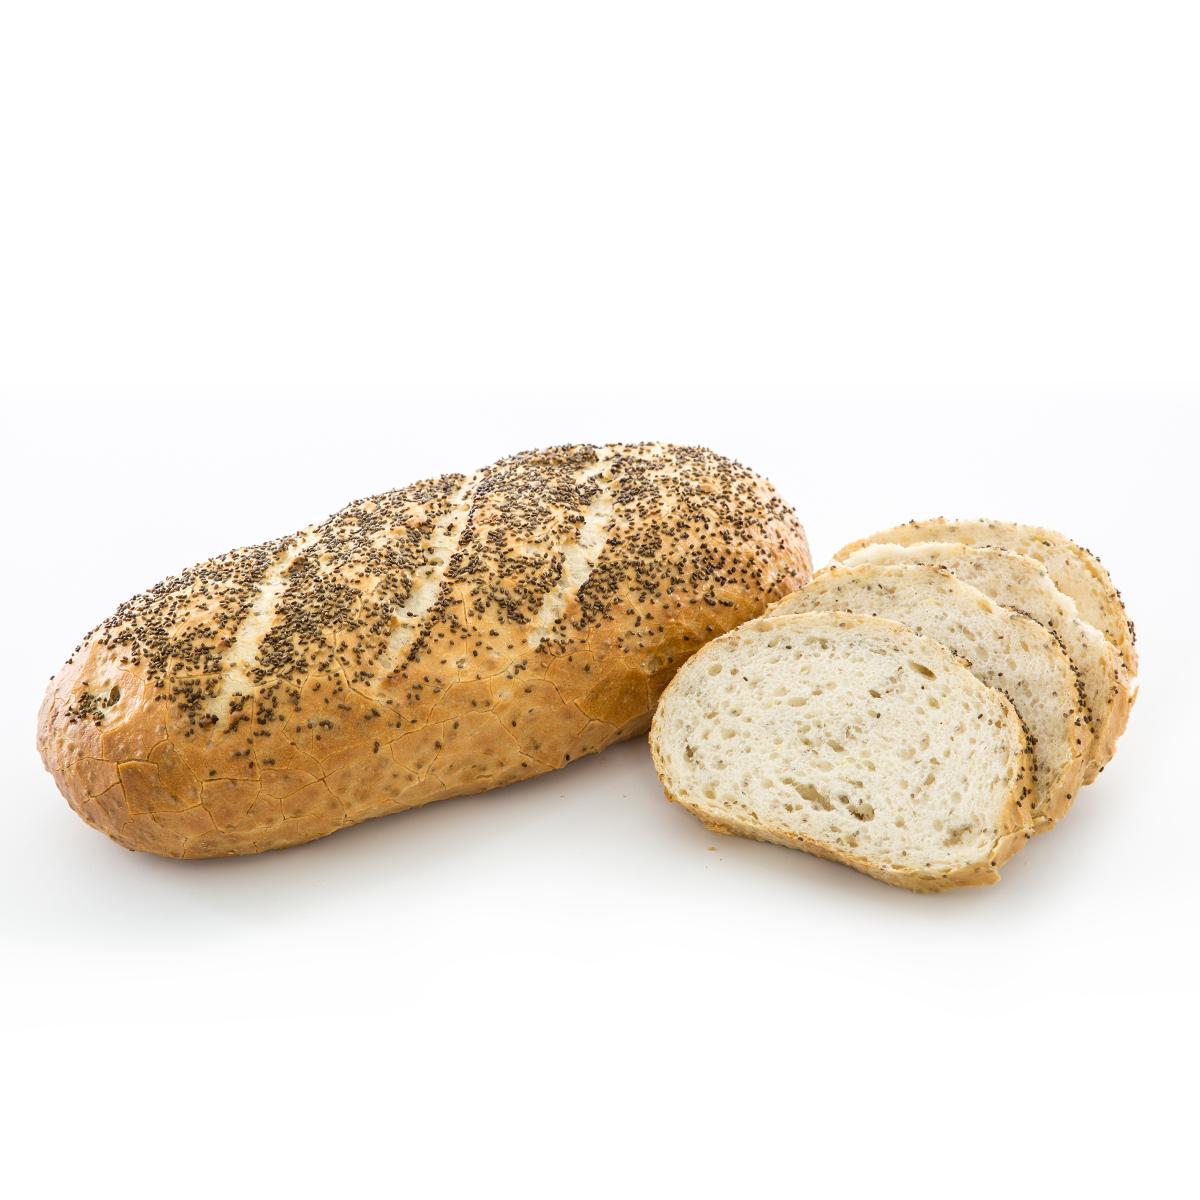 Glutensiz Chia Tohumlu Ekmek